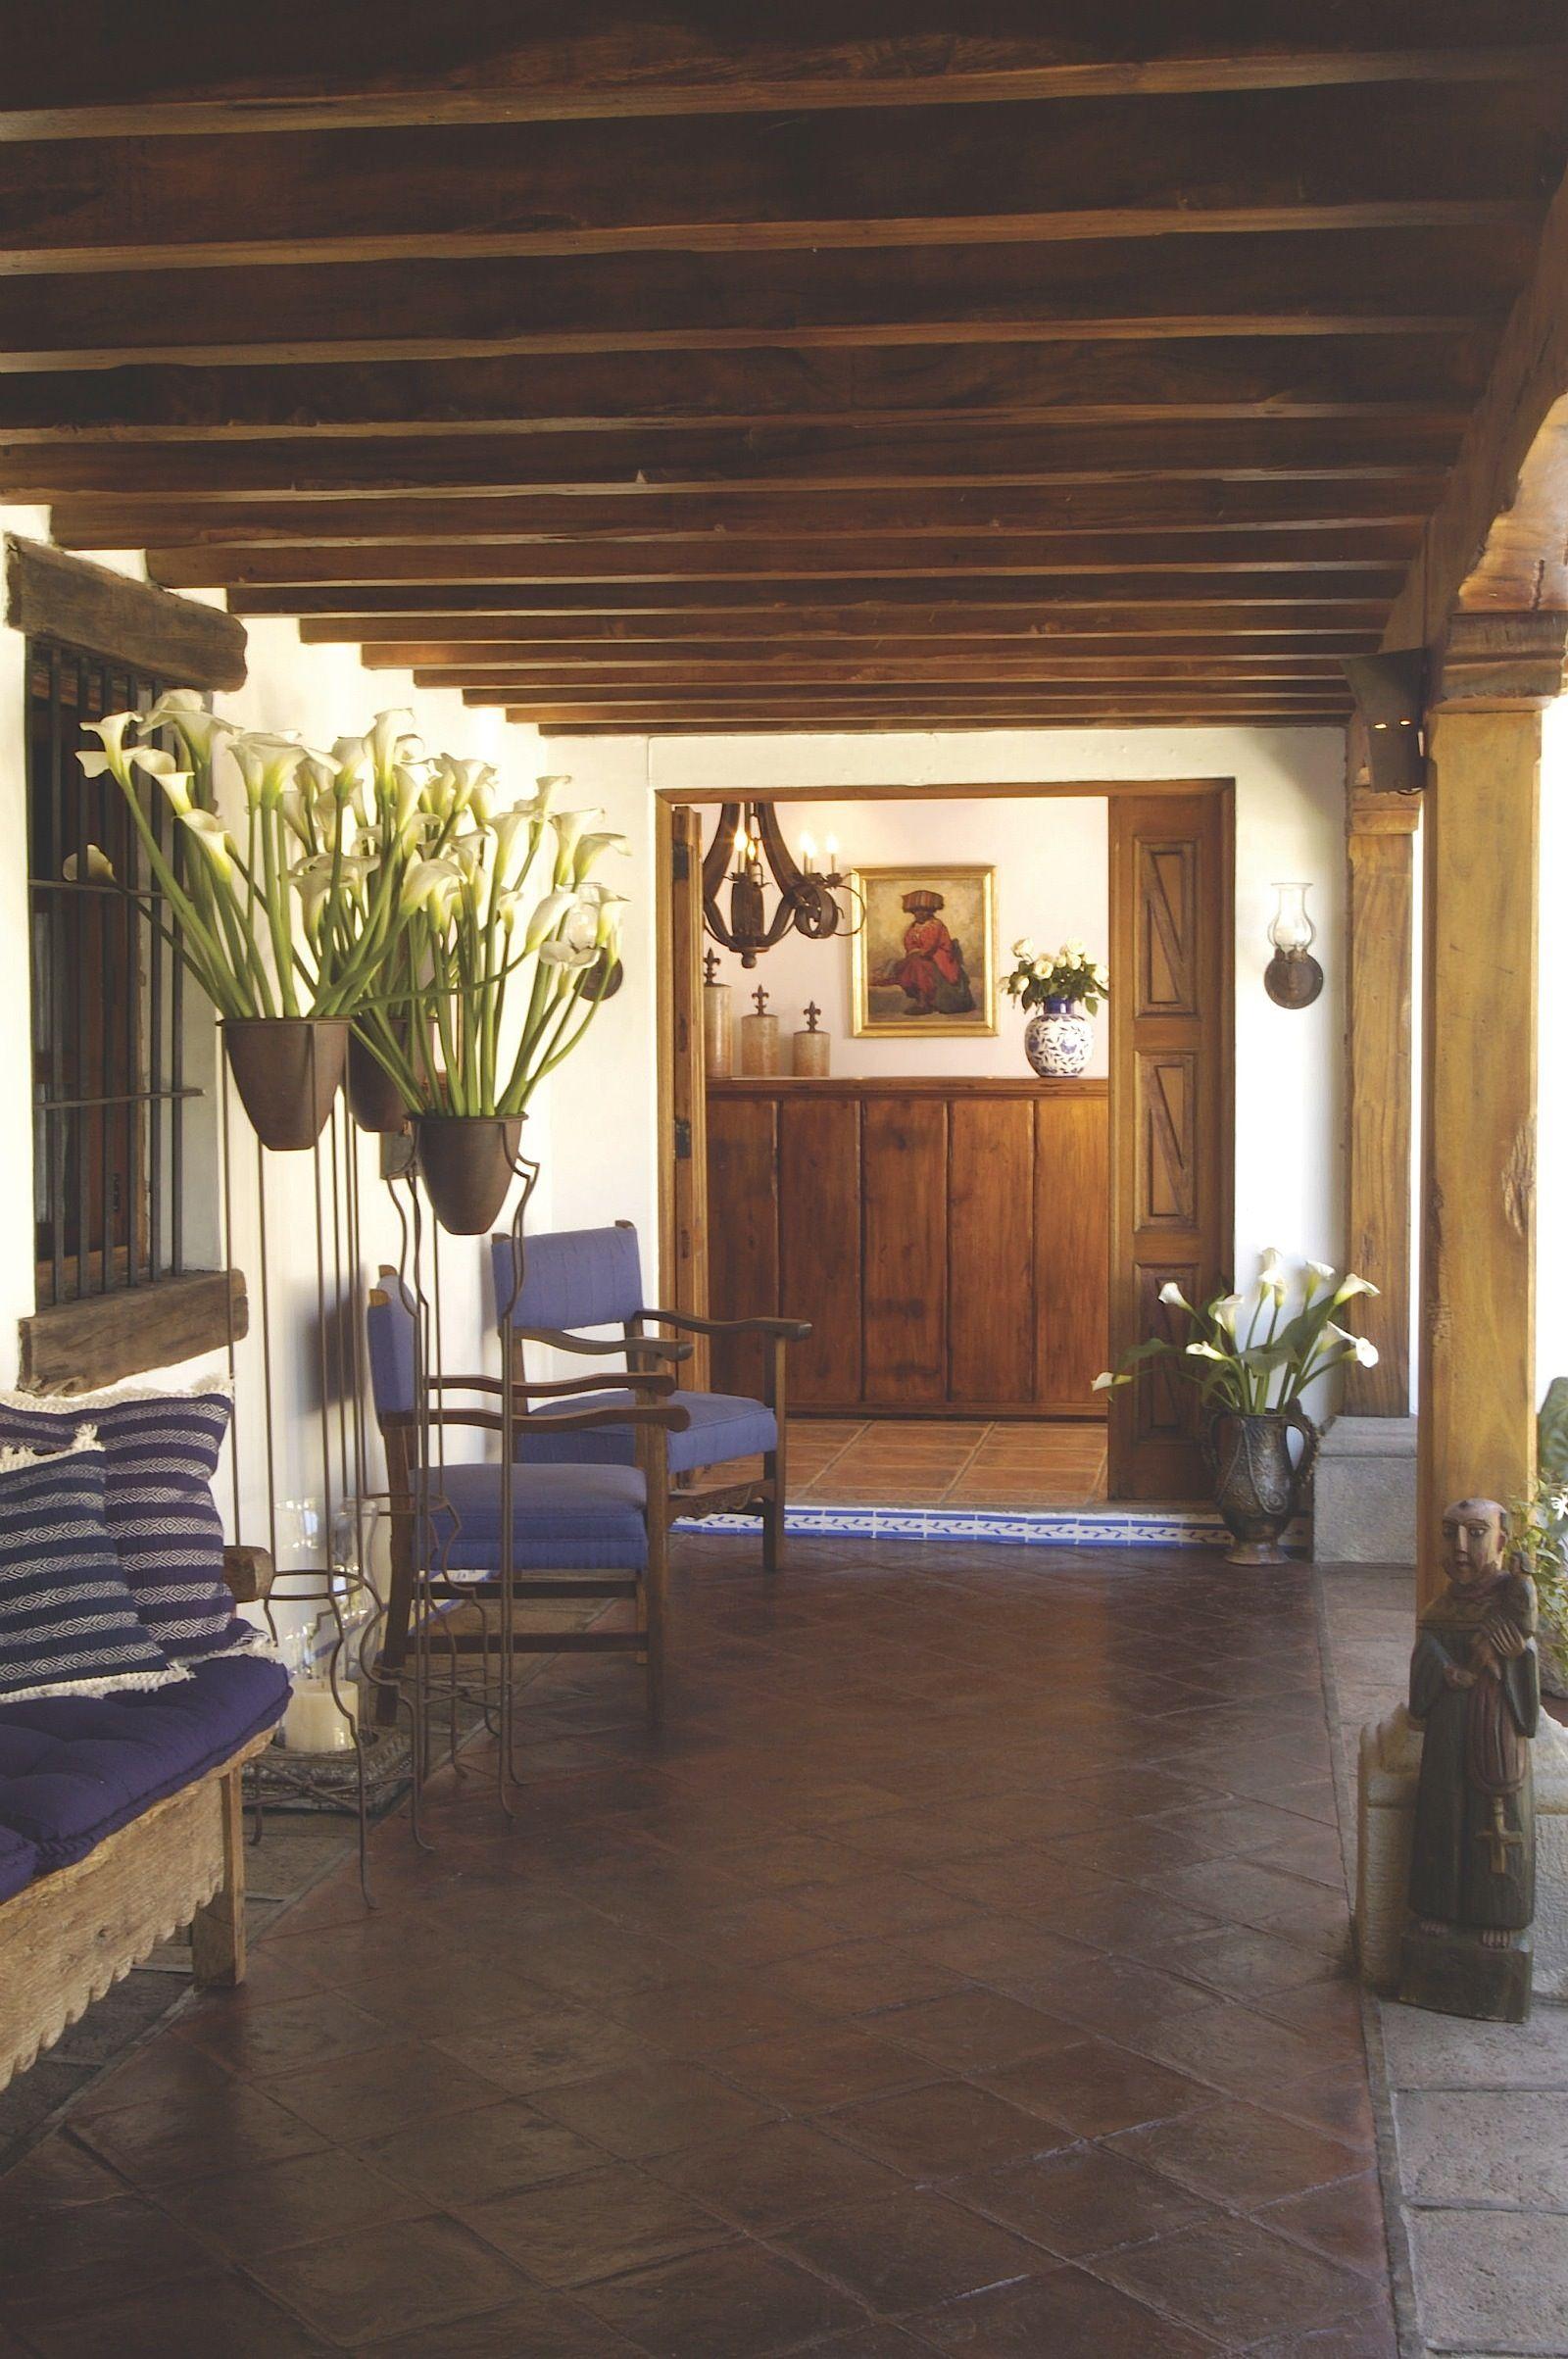 interiores casas antigua guatemala  Buscar con Google